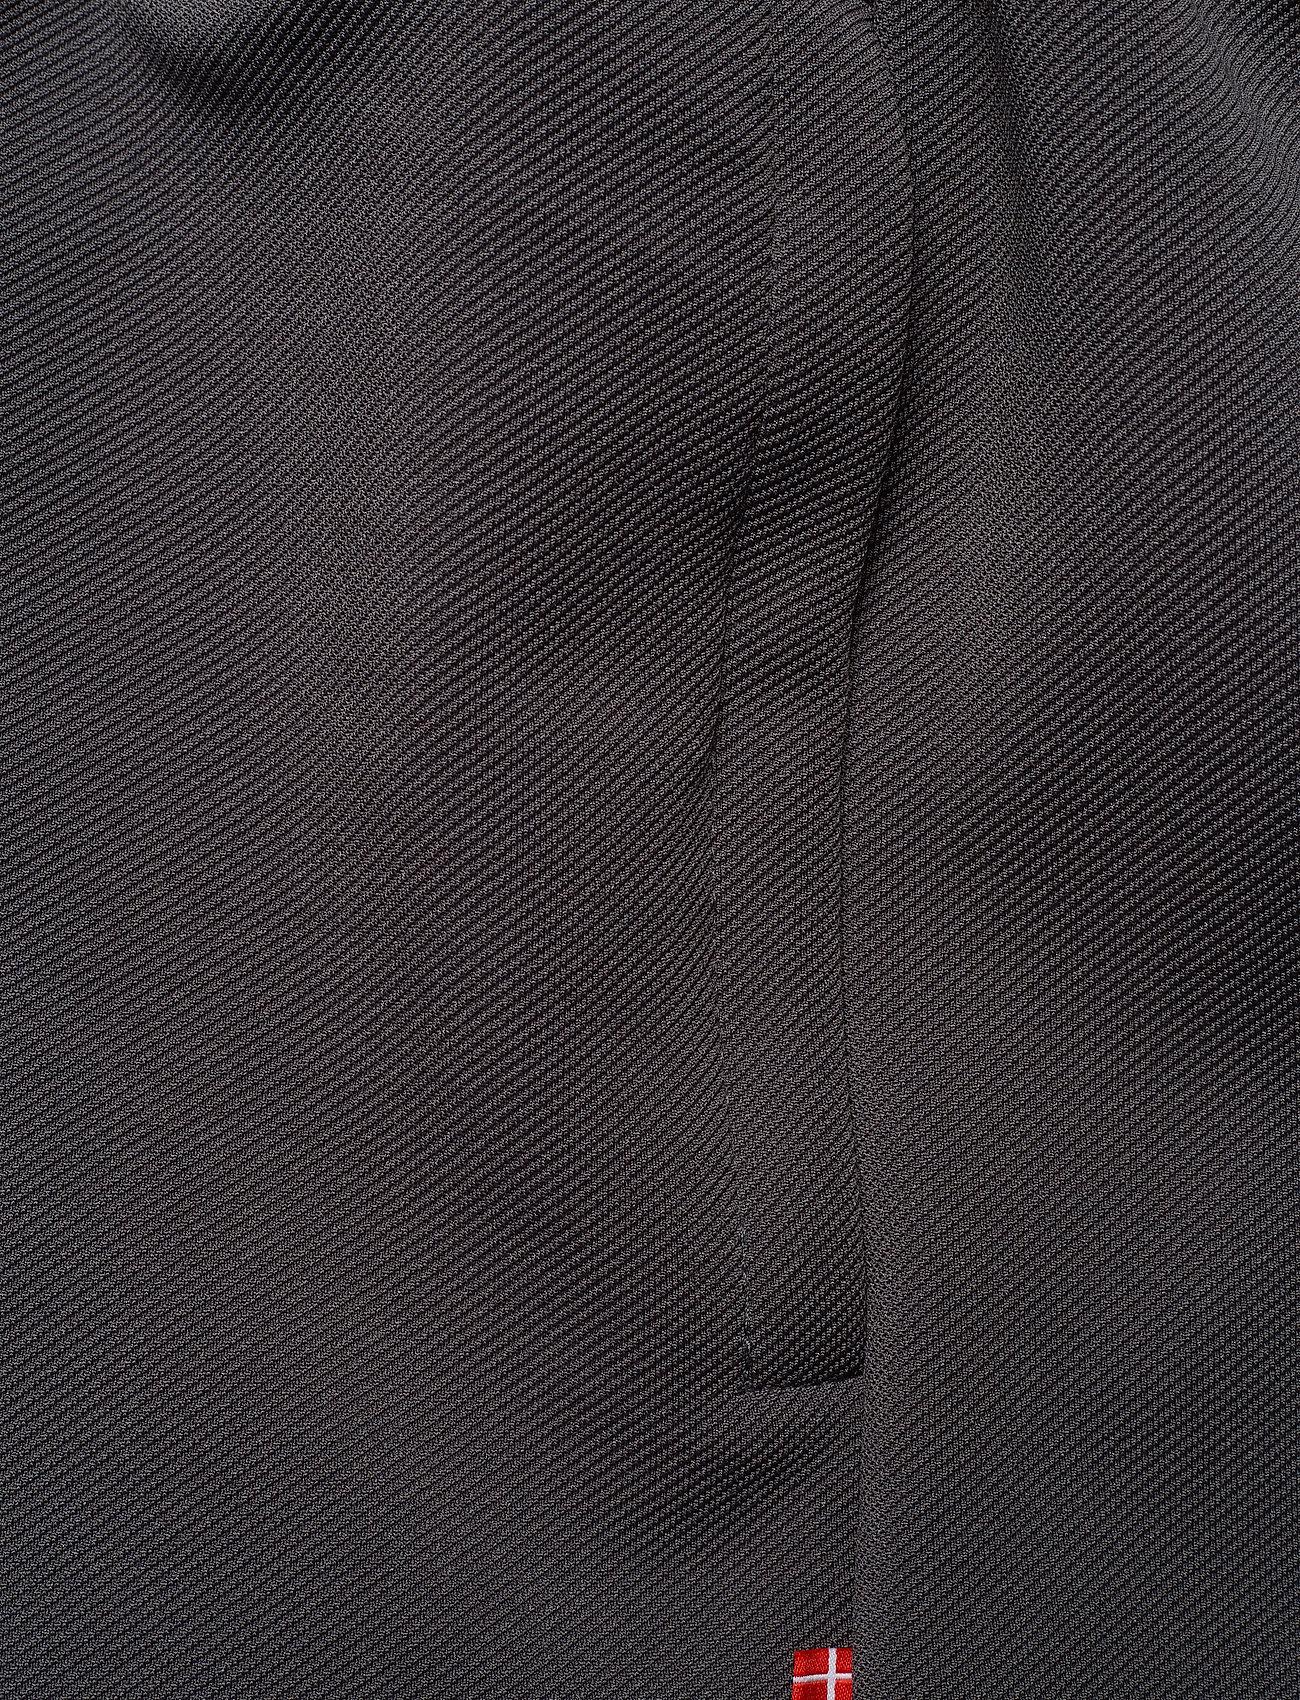 HAN Kjøbenhavn - Tights - kleding - grey - 2